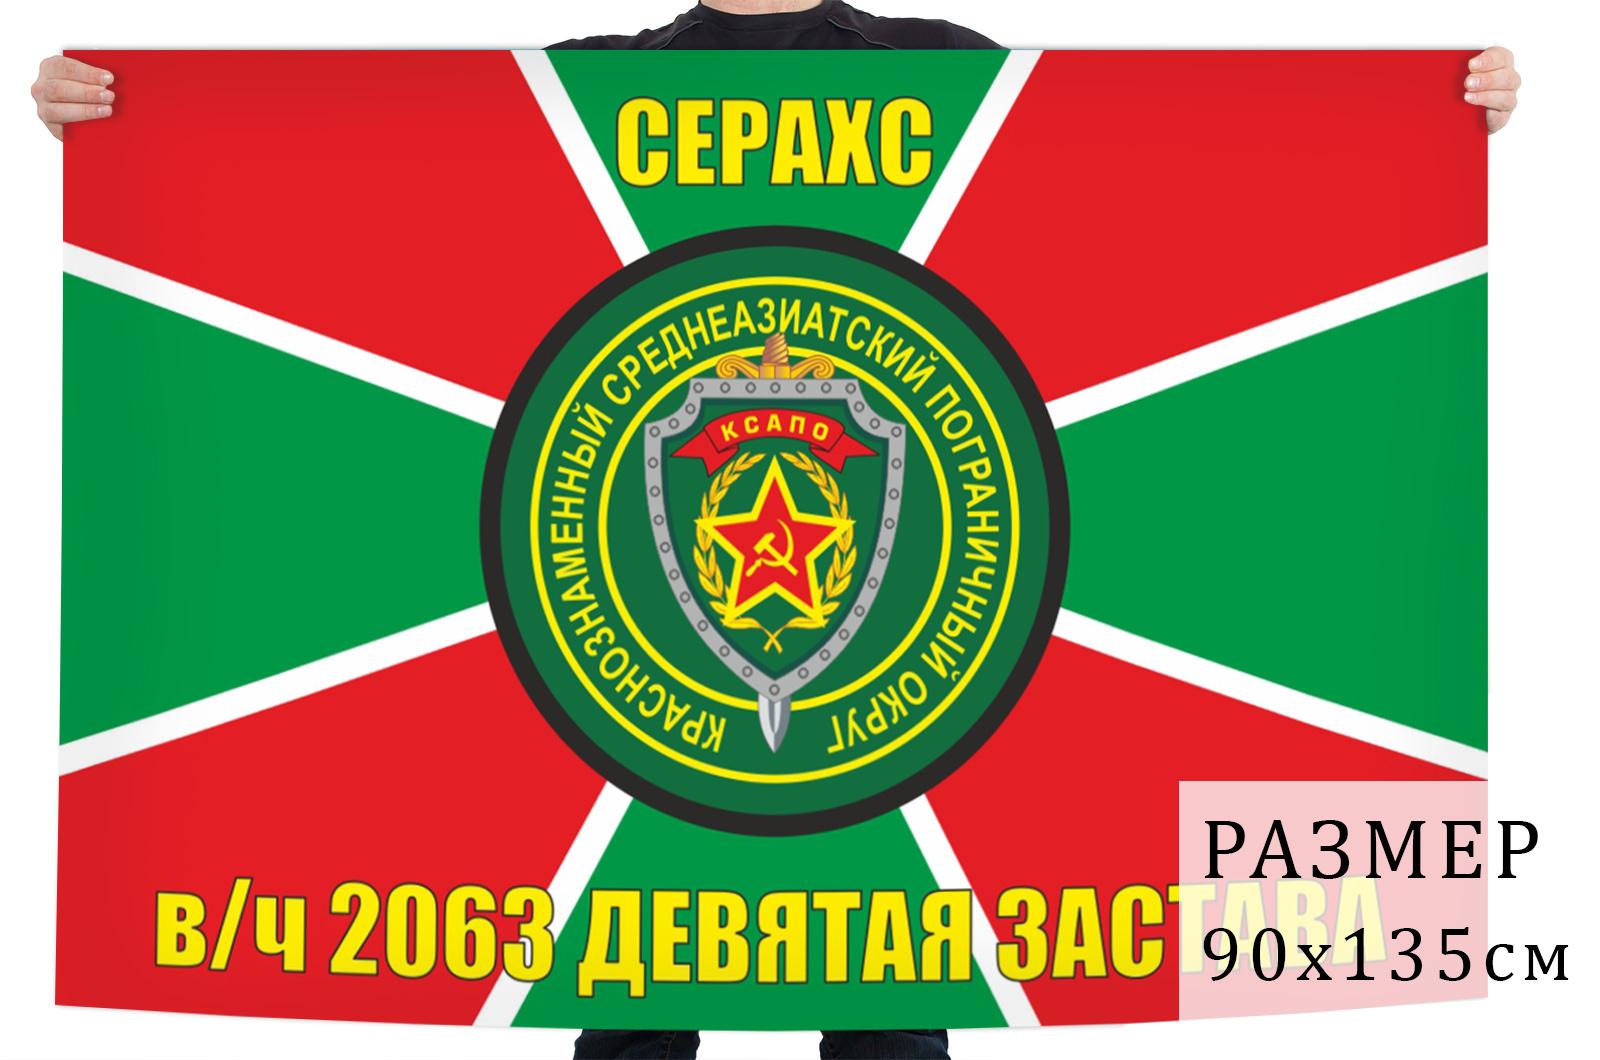 Пограничный флаг Девятая застава Серахс, КСАПО